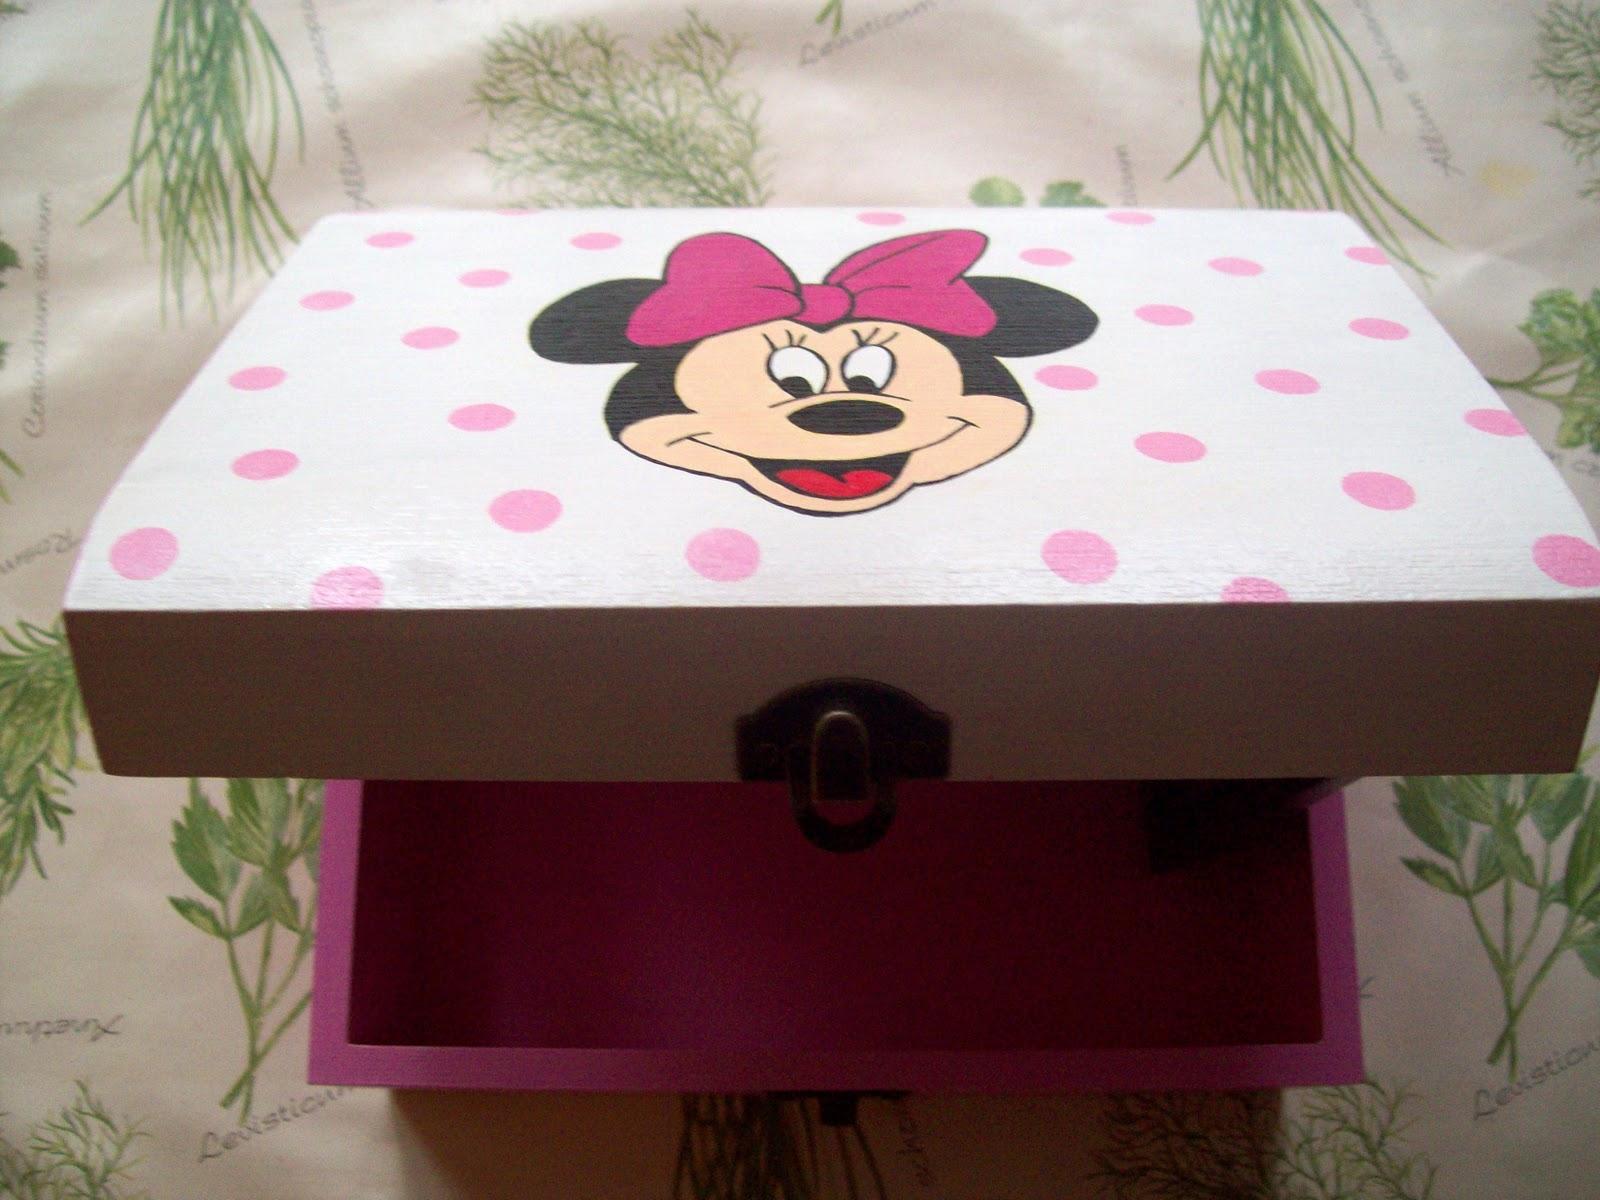 Cucadas cajas decoradas infantiles - Cajas de decoracion ...